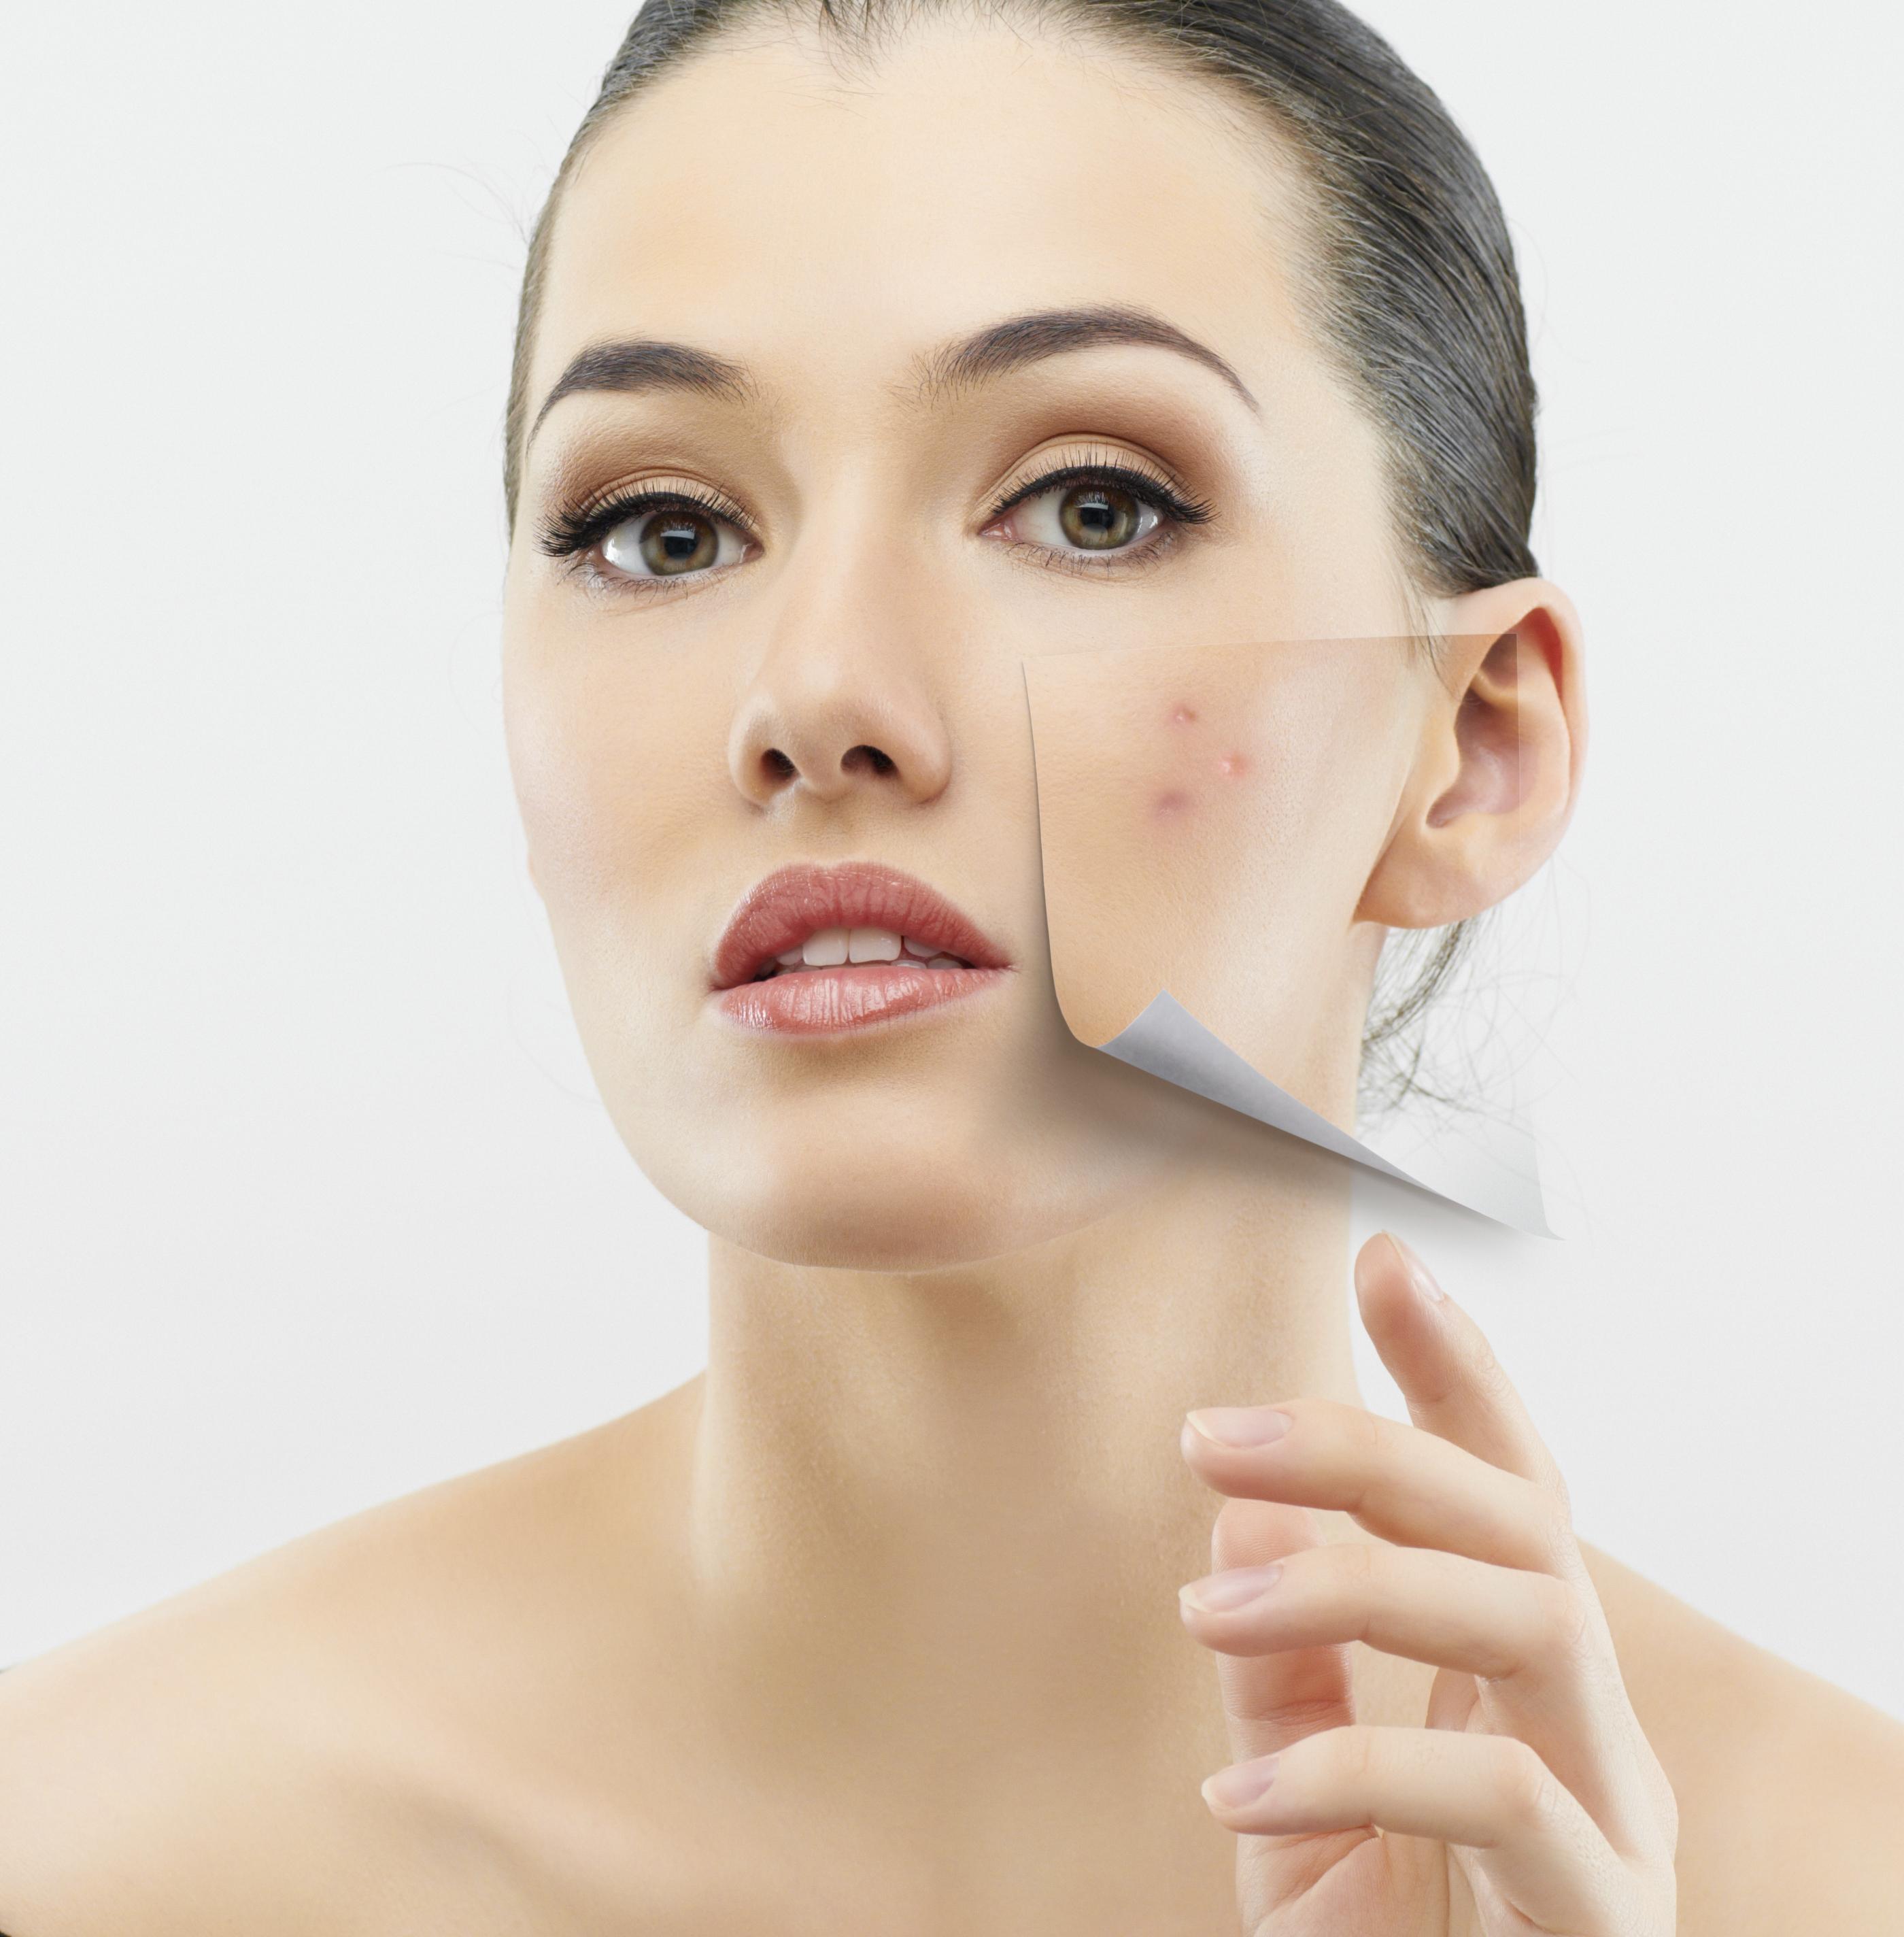 азелаиновая кислота против акне, азелаиновая кислота свойства, азелаиновая кислота для кожи, постакне шрамы как бороться, шрамы постакне лечение